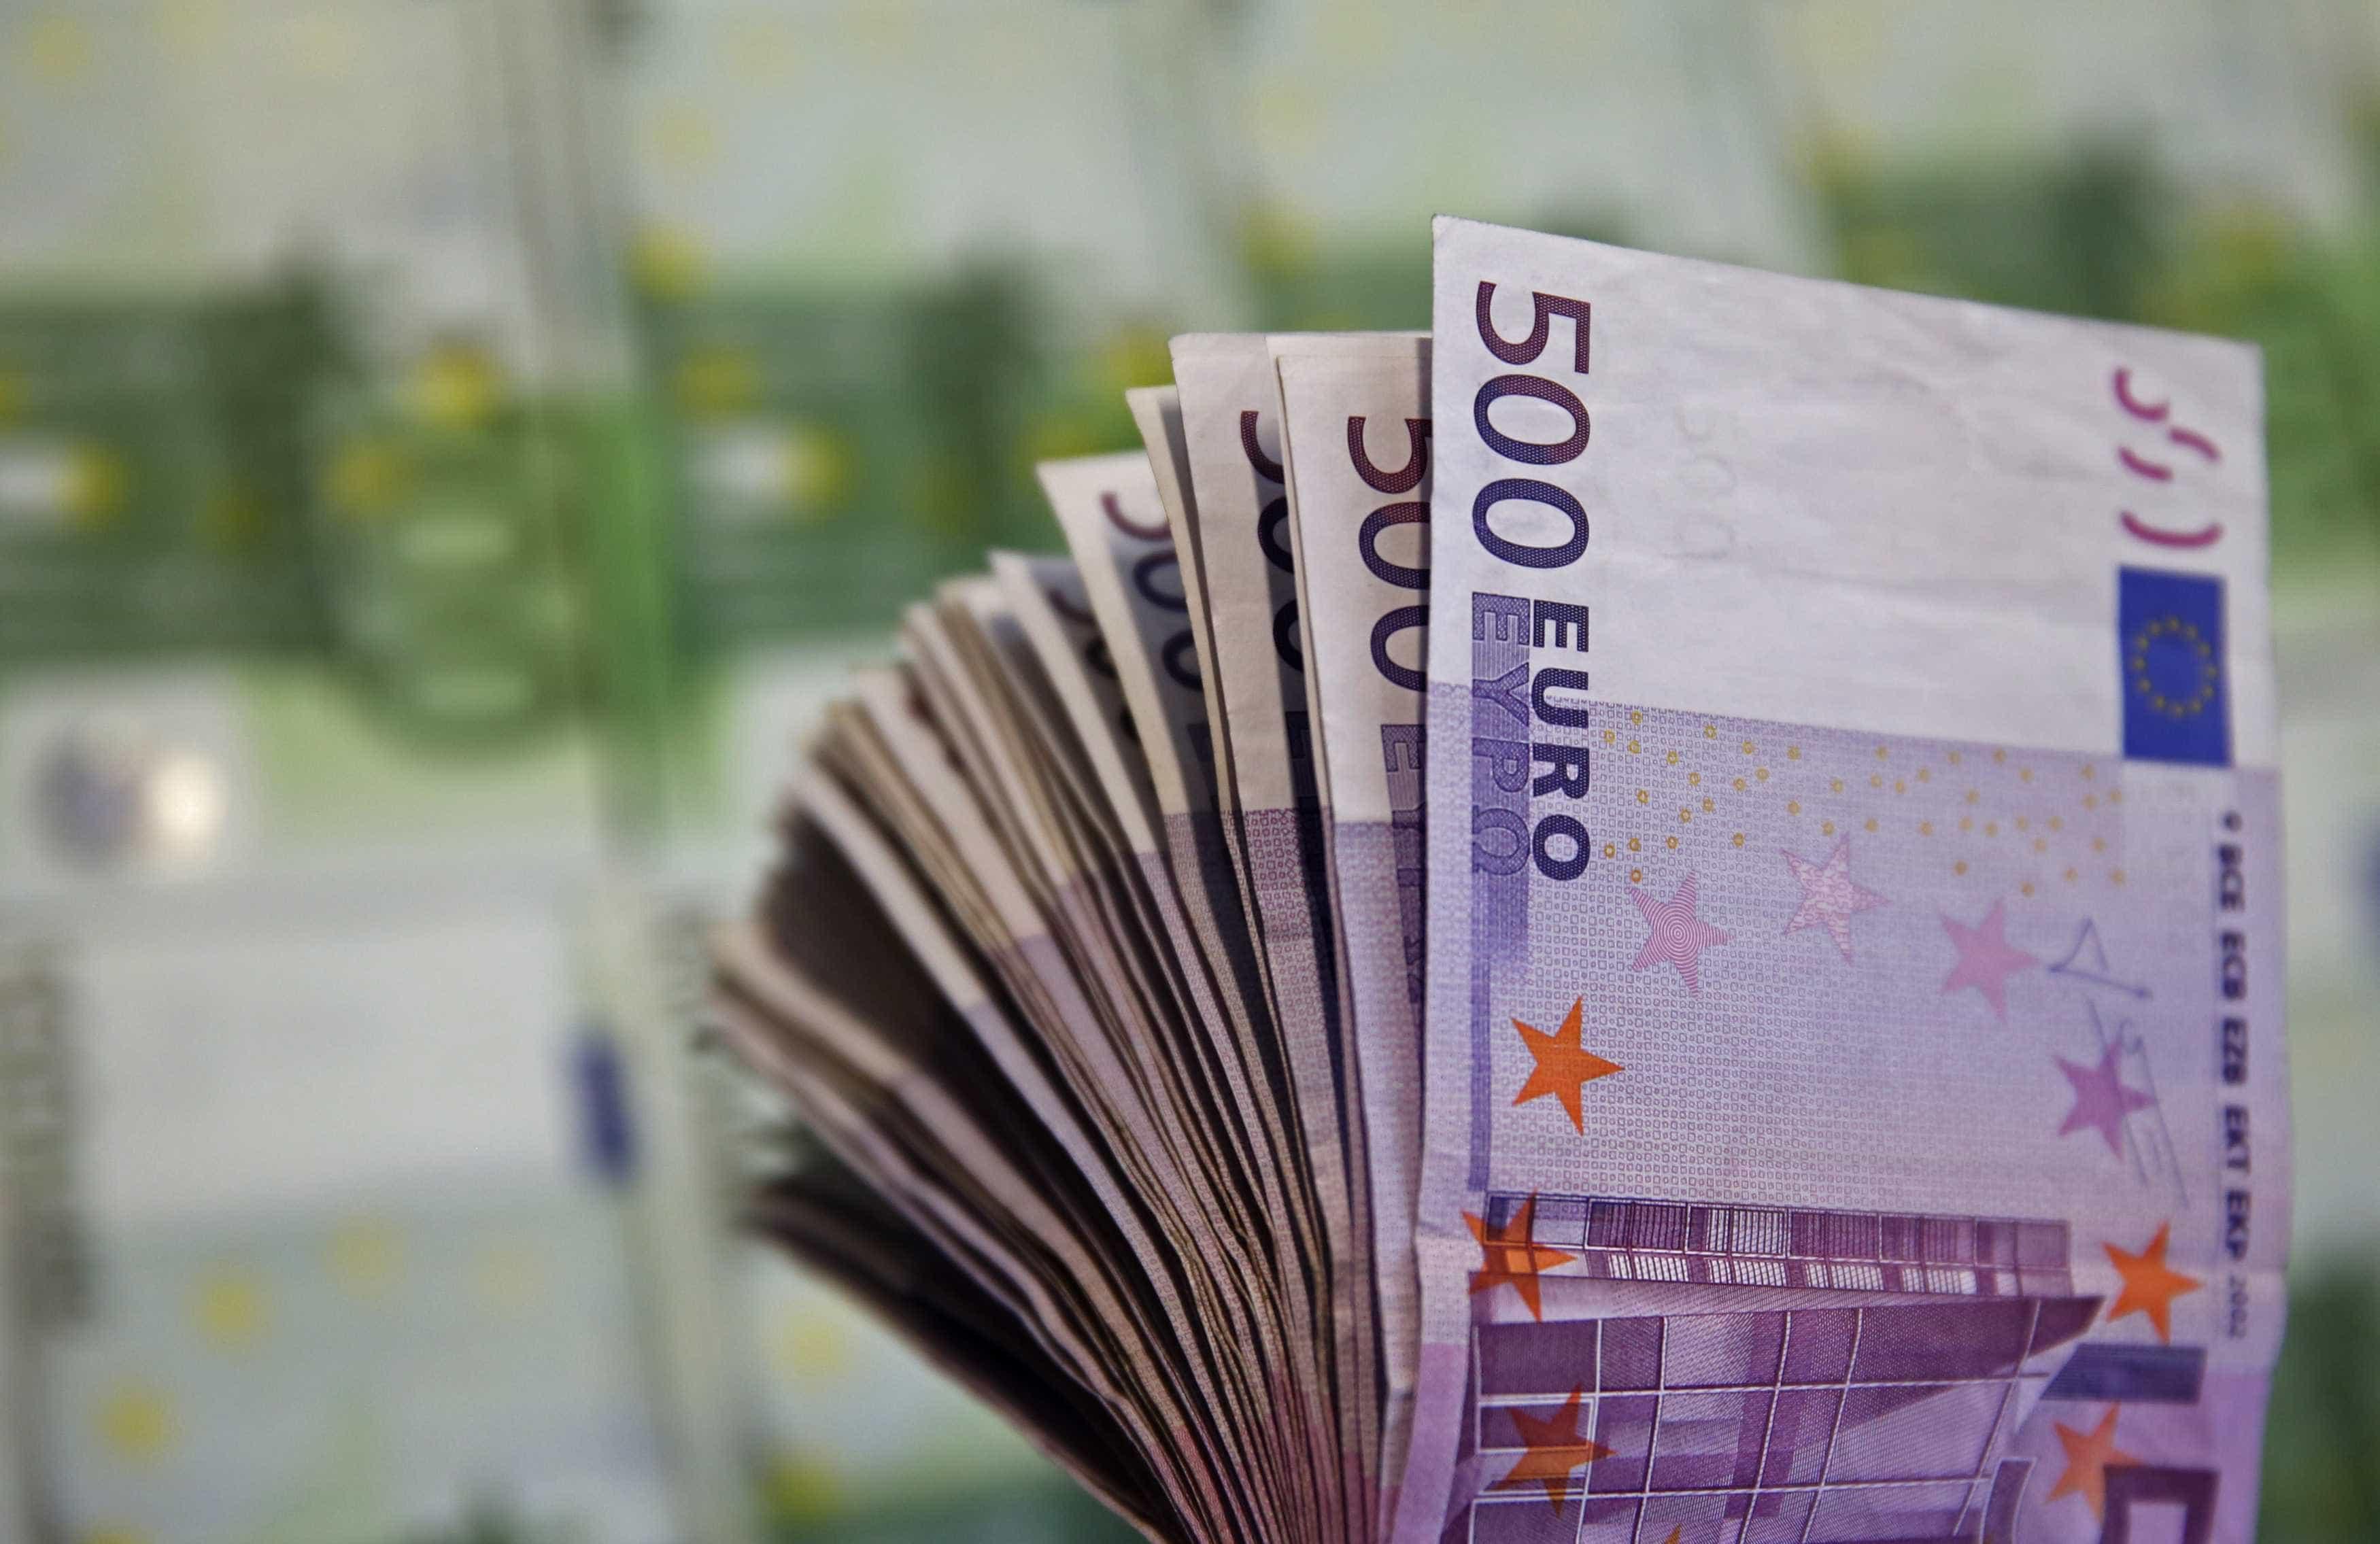 Bancos centrais vão retirar de circulação notas de 500 euros